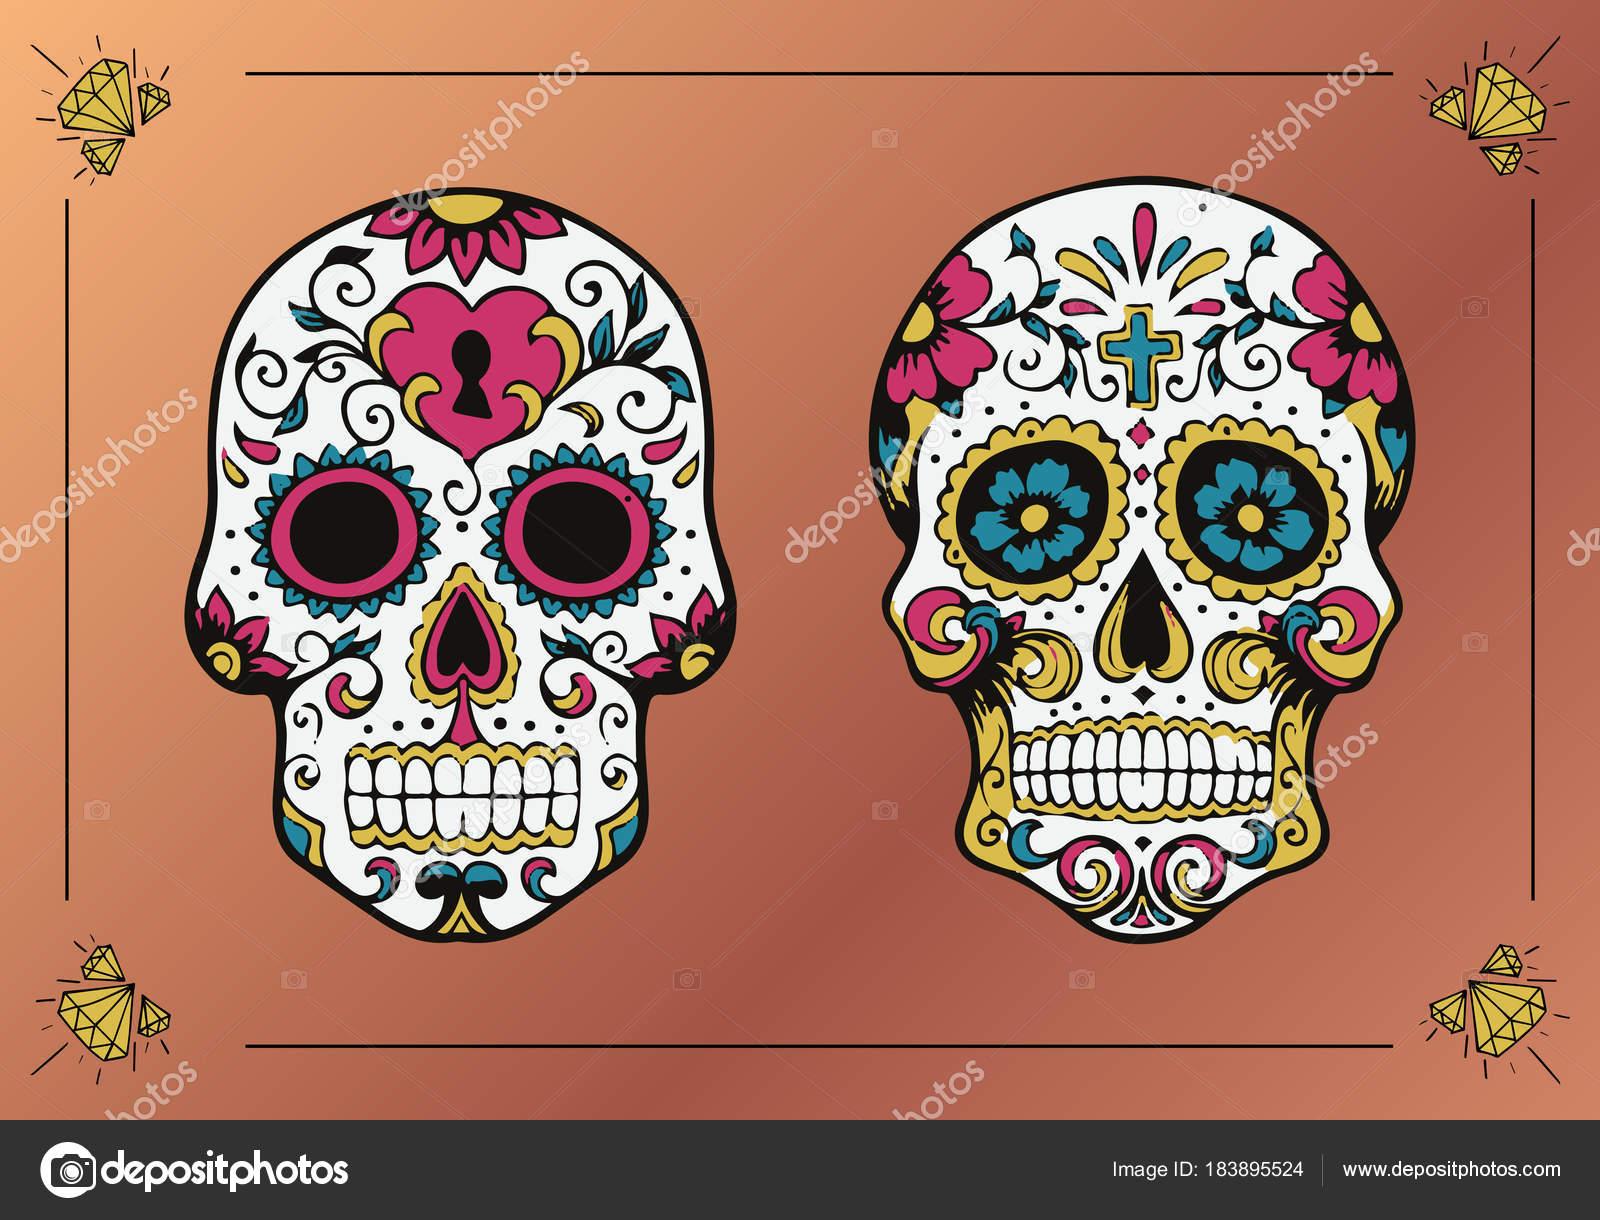 Imágenes Calaveras Cráneos Decorados La Calavera Catrina